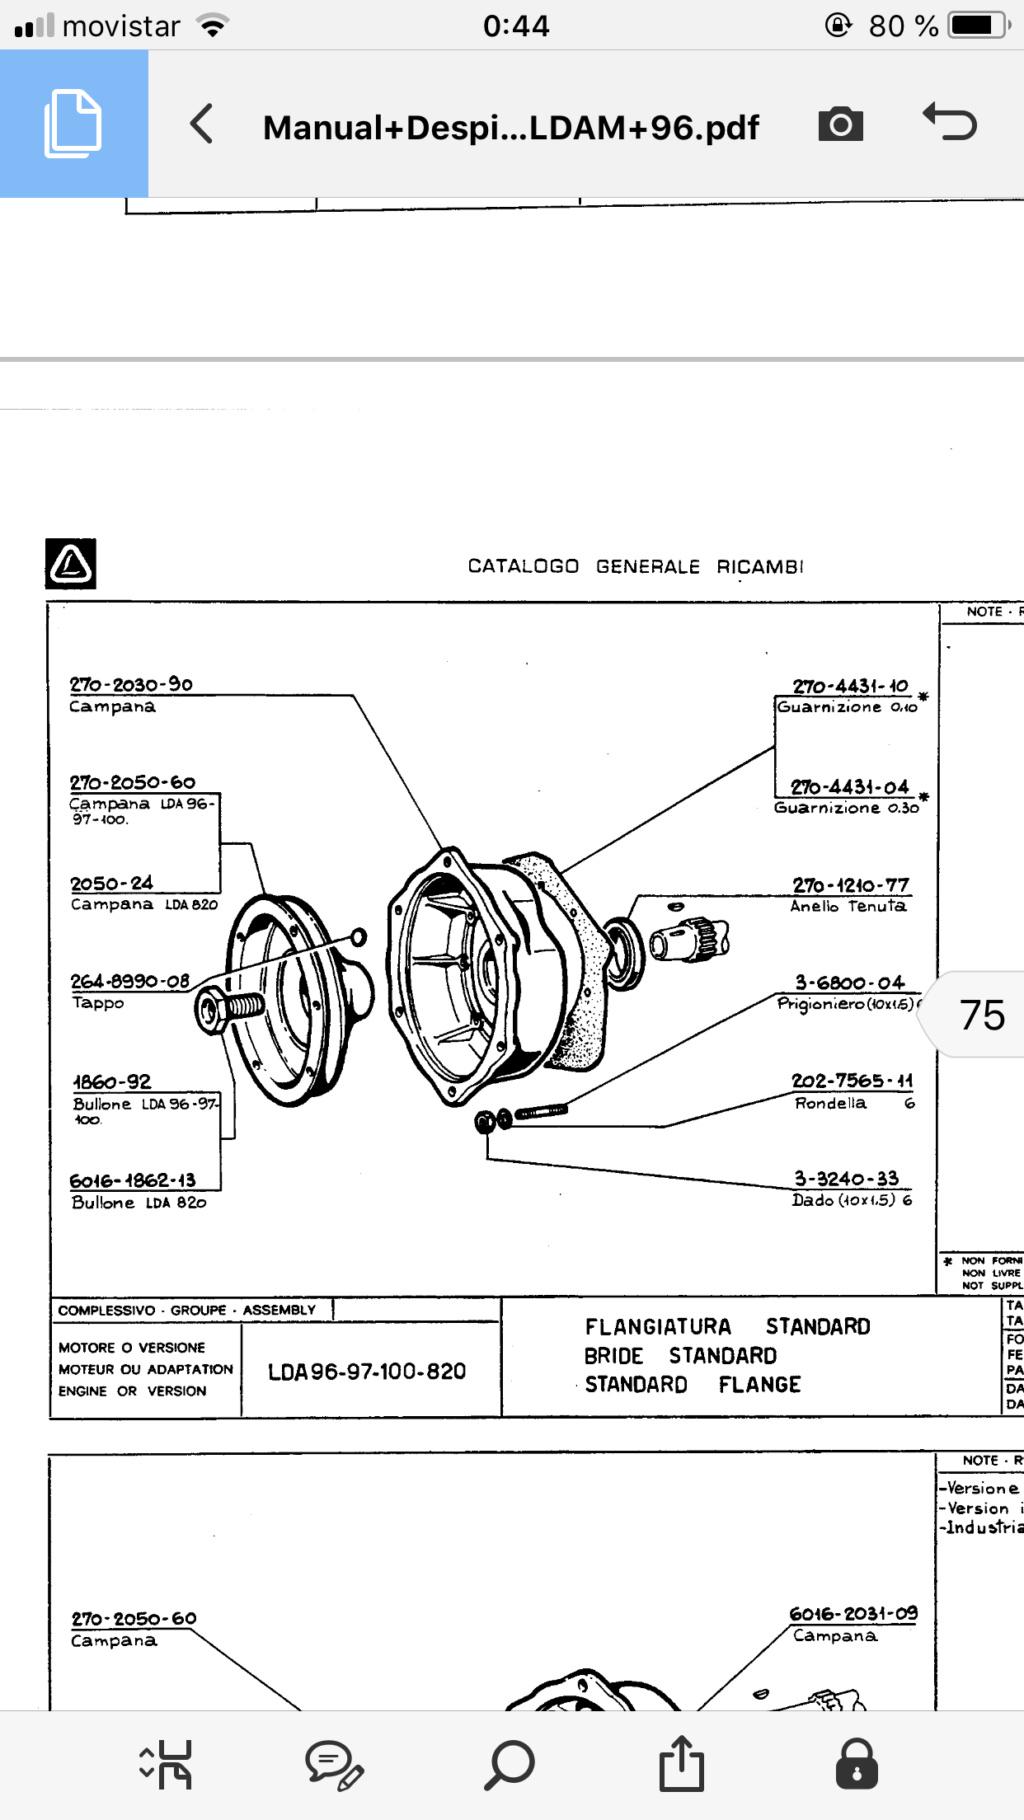 [Pasquali 946/603] Dudas para ponerlo en funcionamiento. - Página 3 79a5df10